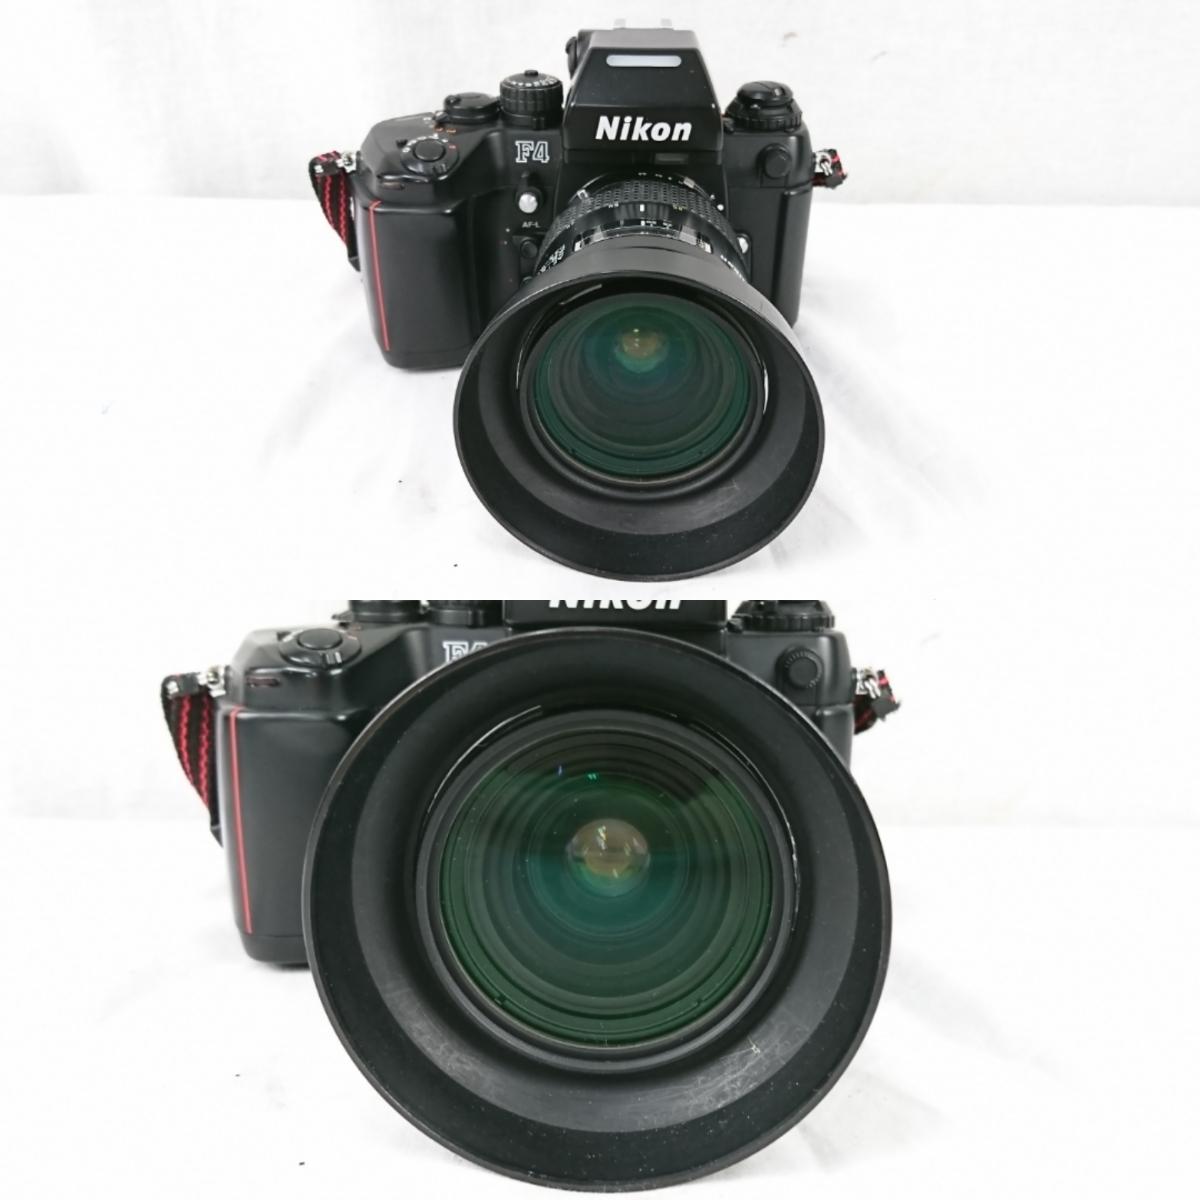 【GK-203】 Nikon ニコン カメラ F4 レンズ AF オートフォーカス Nikon ED AF NIKKOR 80-200mm AF NIKKOR 70-210mm NIKKOR 28-85mm_画像2